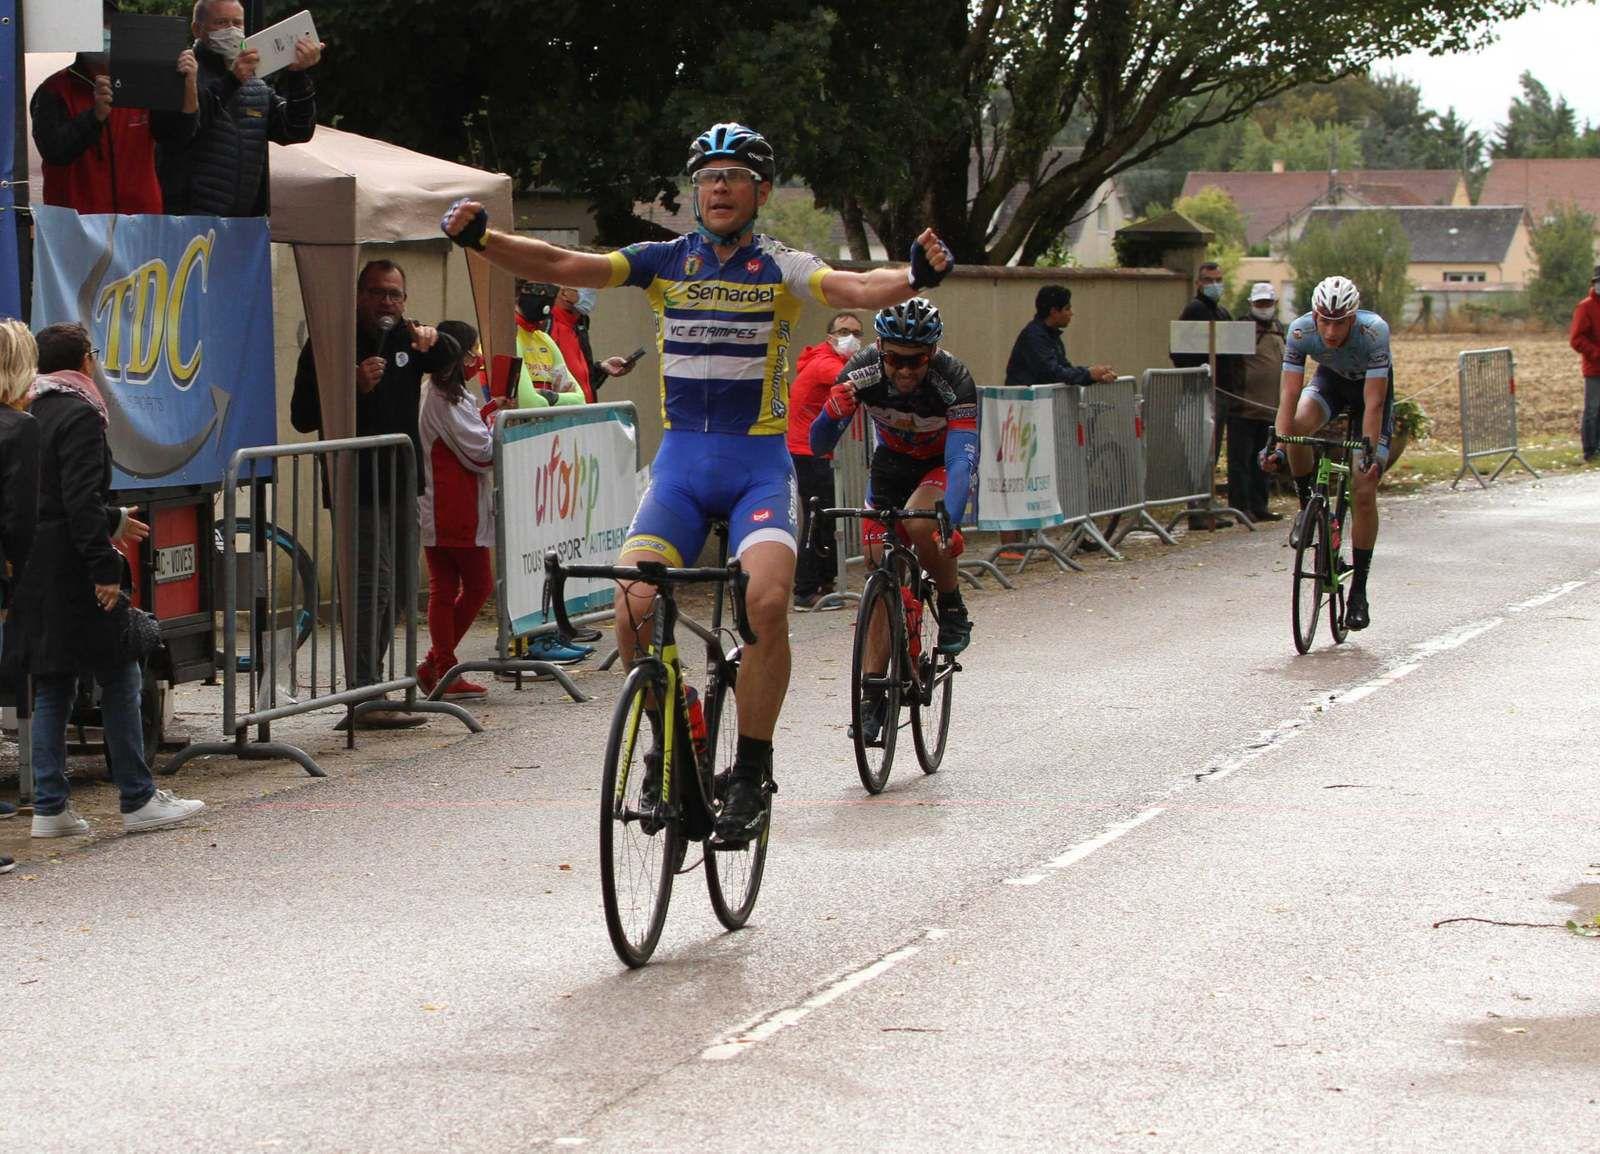 En 1, victoire de Julien Amblat (VC Etampes)